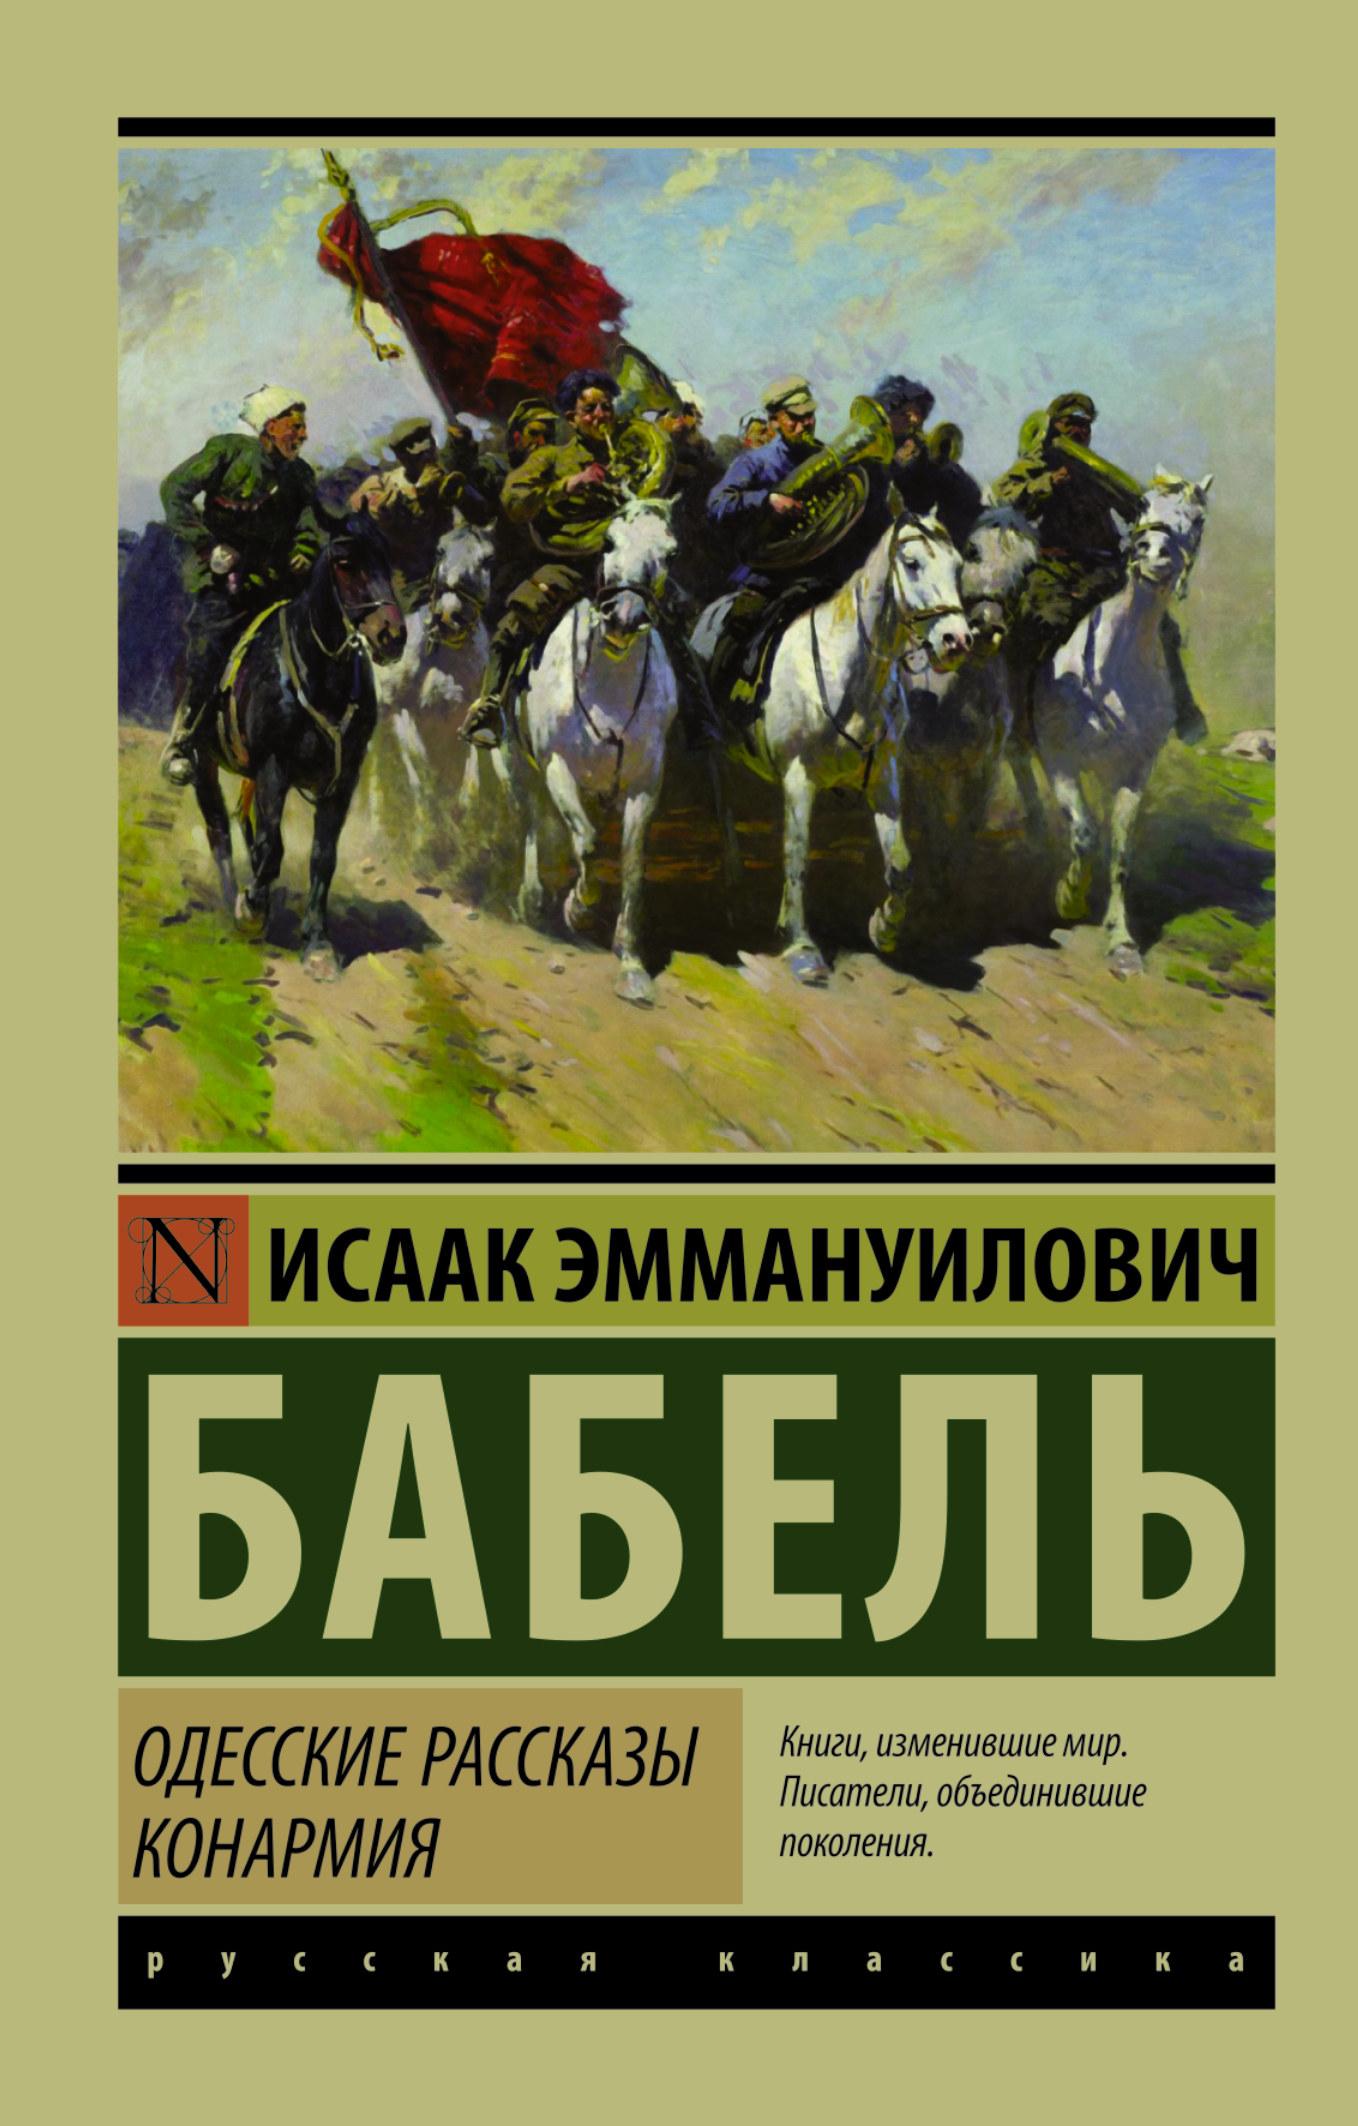 Одесские рассказы. Конармия от book24.ru